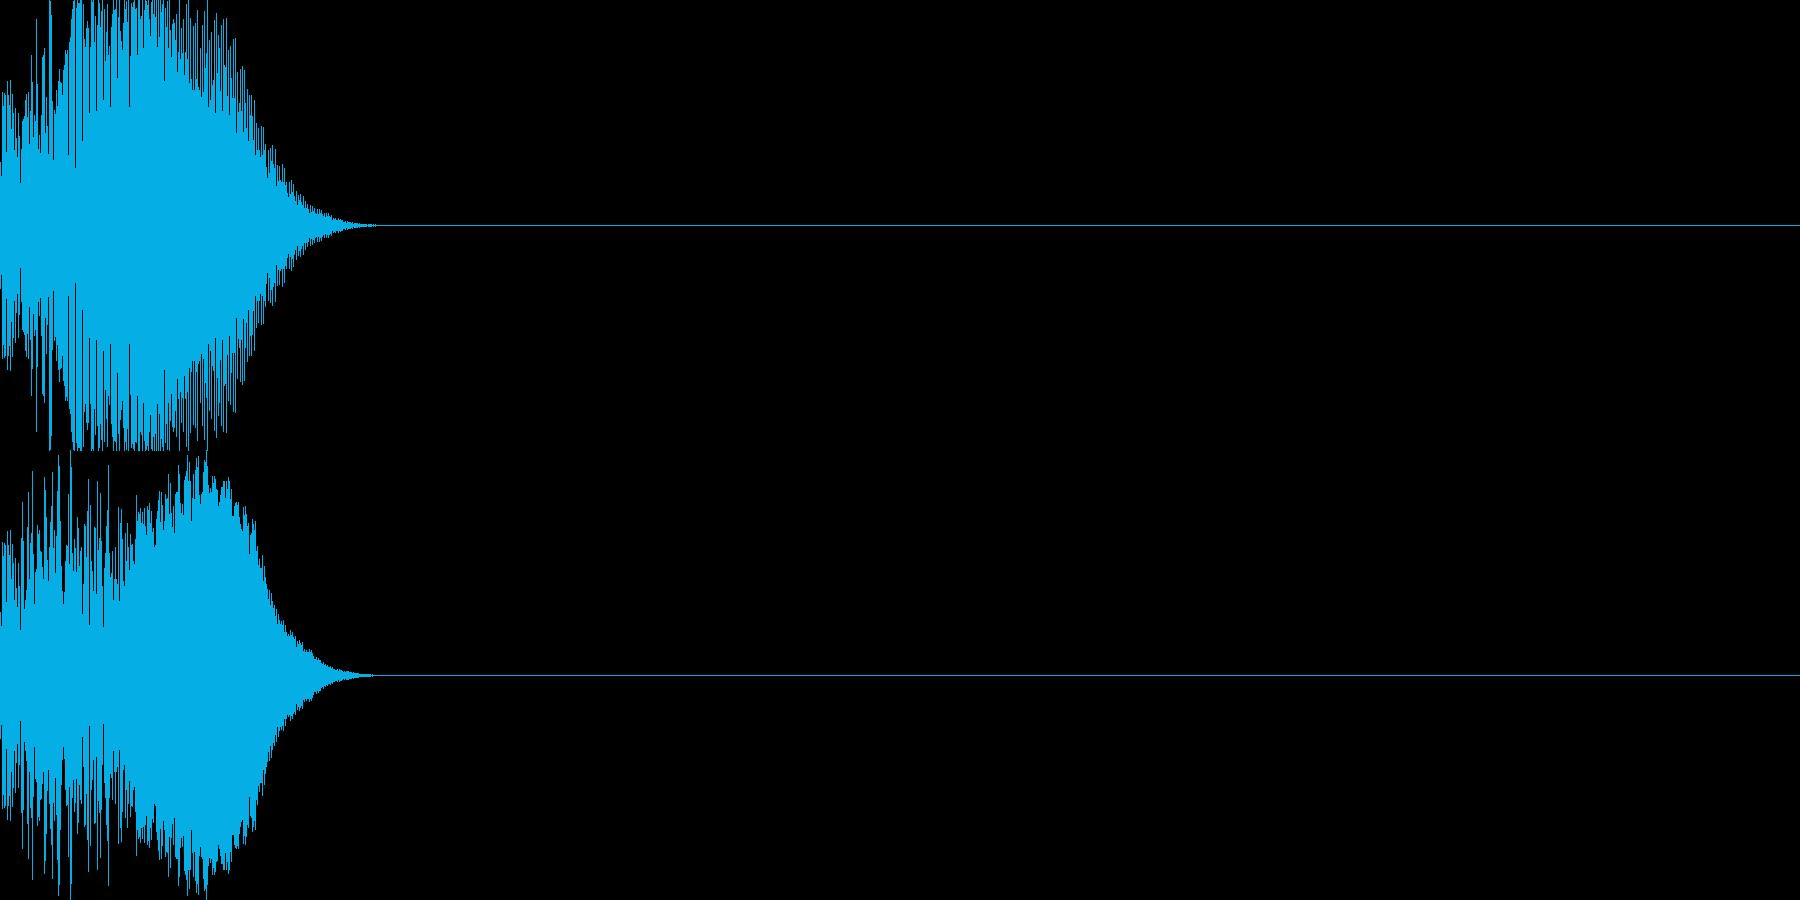 システム音47_シンセYの再生済みの波形